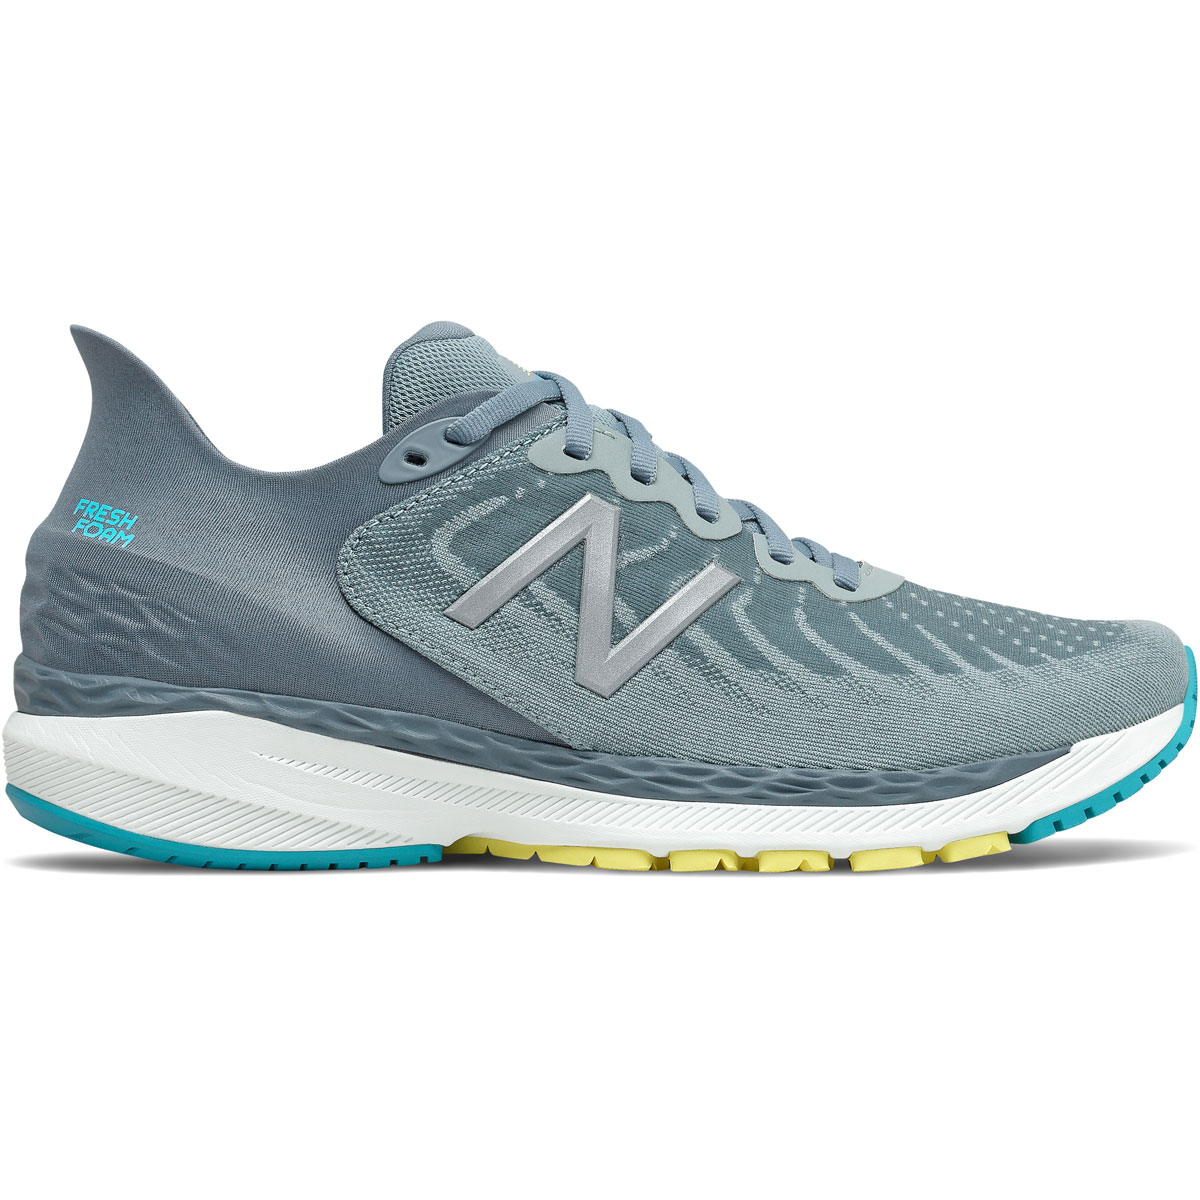 Men's New Balance 860V11 Running Shoe - Color: Ocean Grey  - Size: 6 - Width: Wide, Ocean Grey, large, image 1